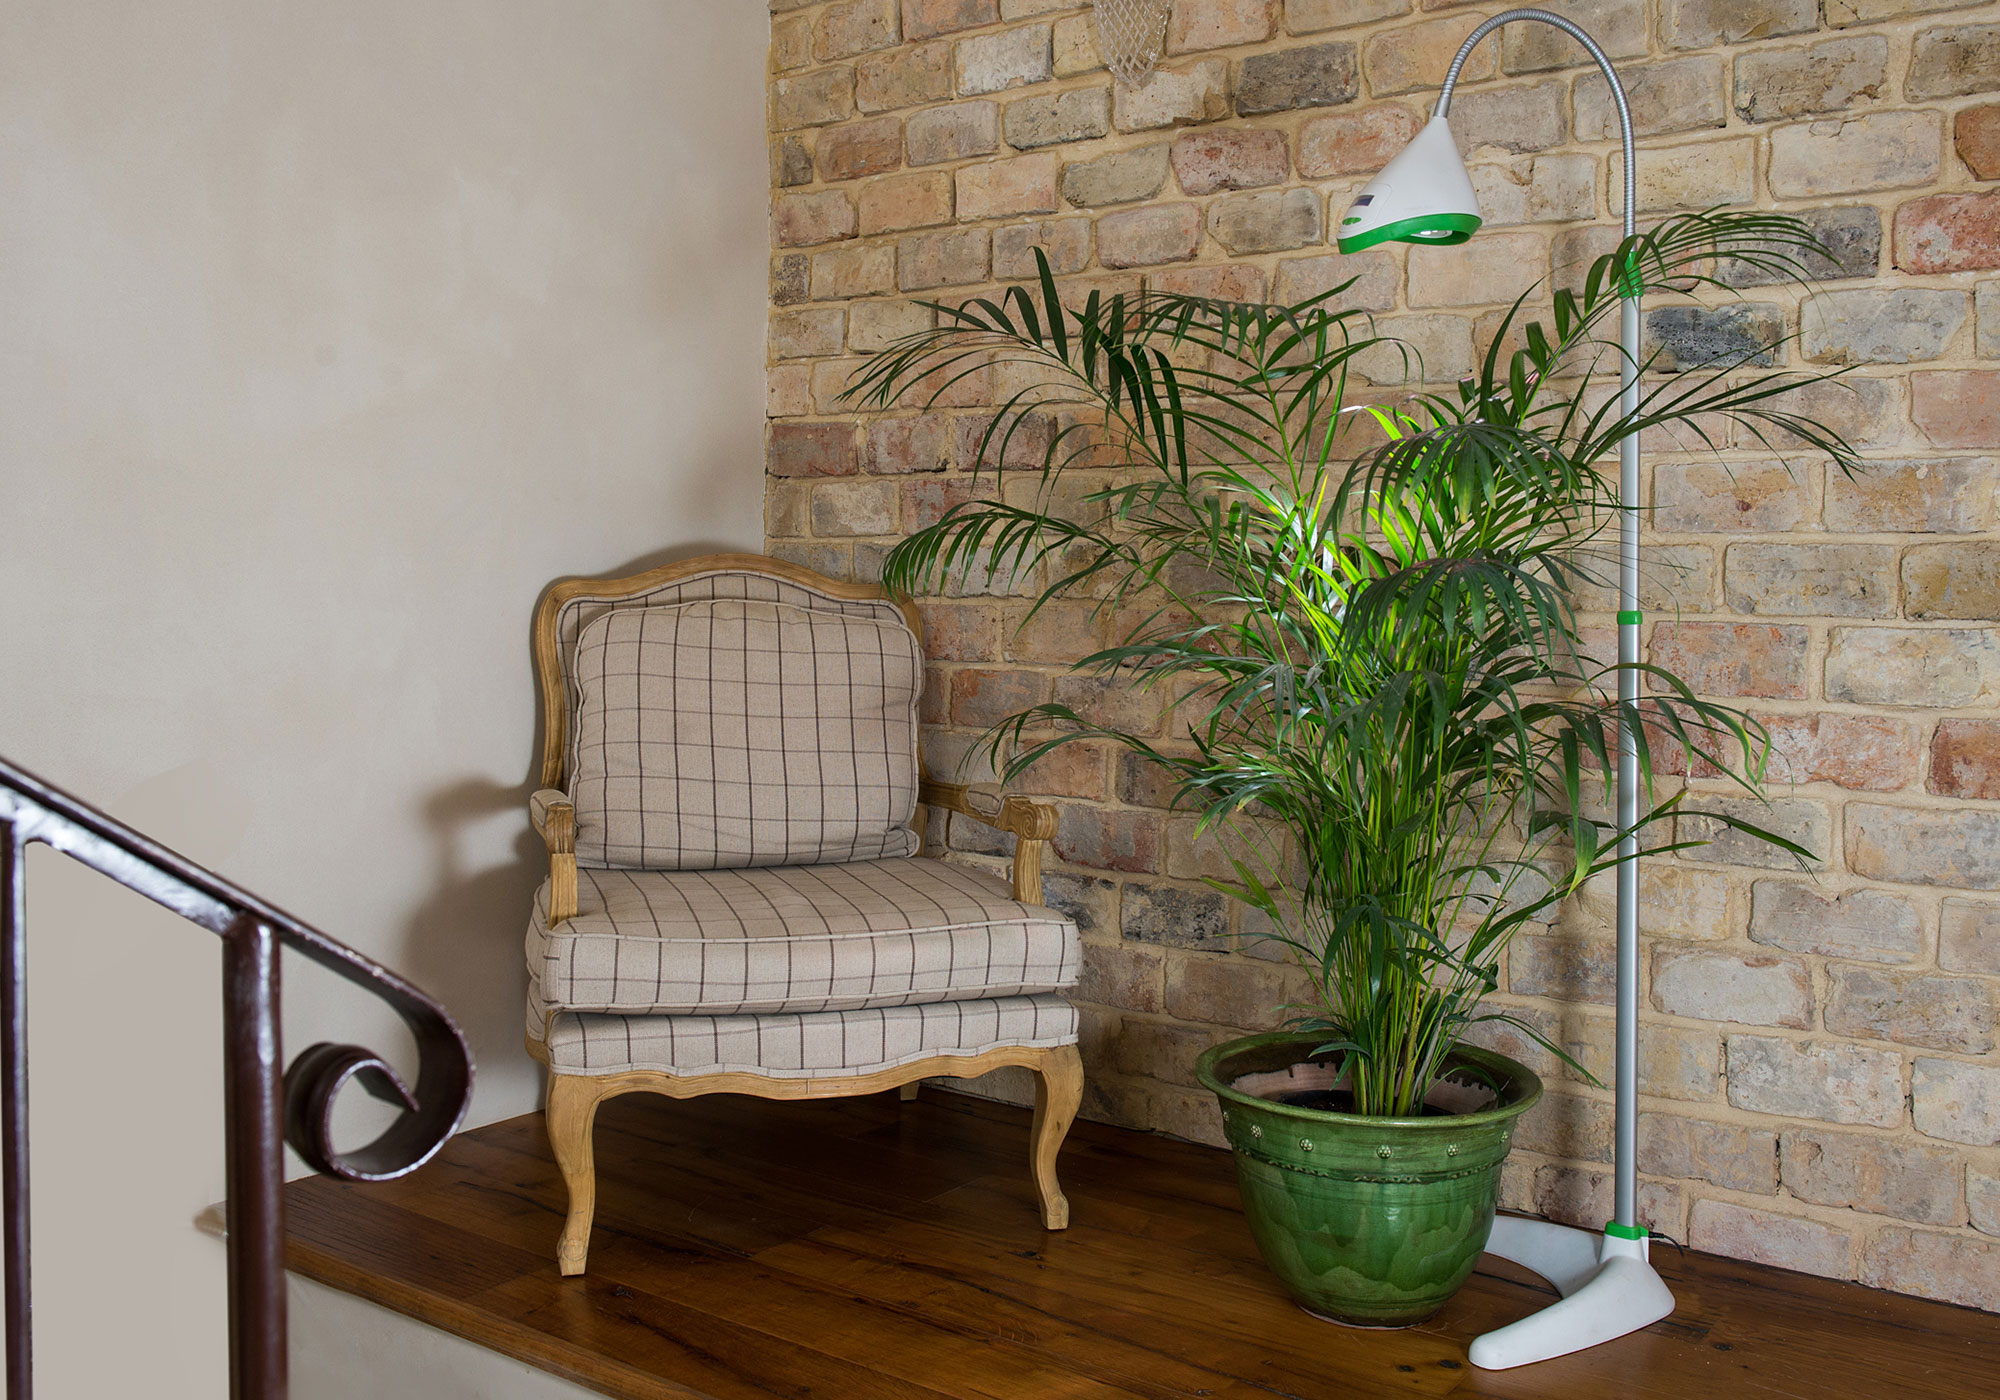 מנורה לגידול צמחים בבית